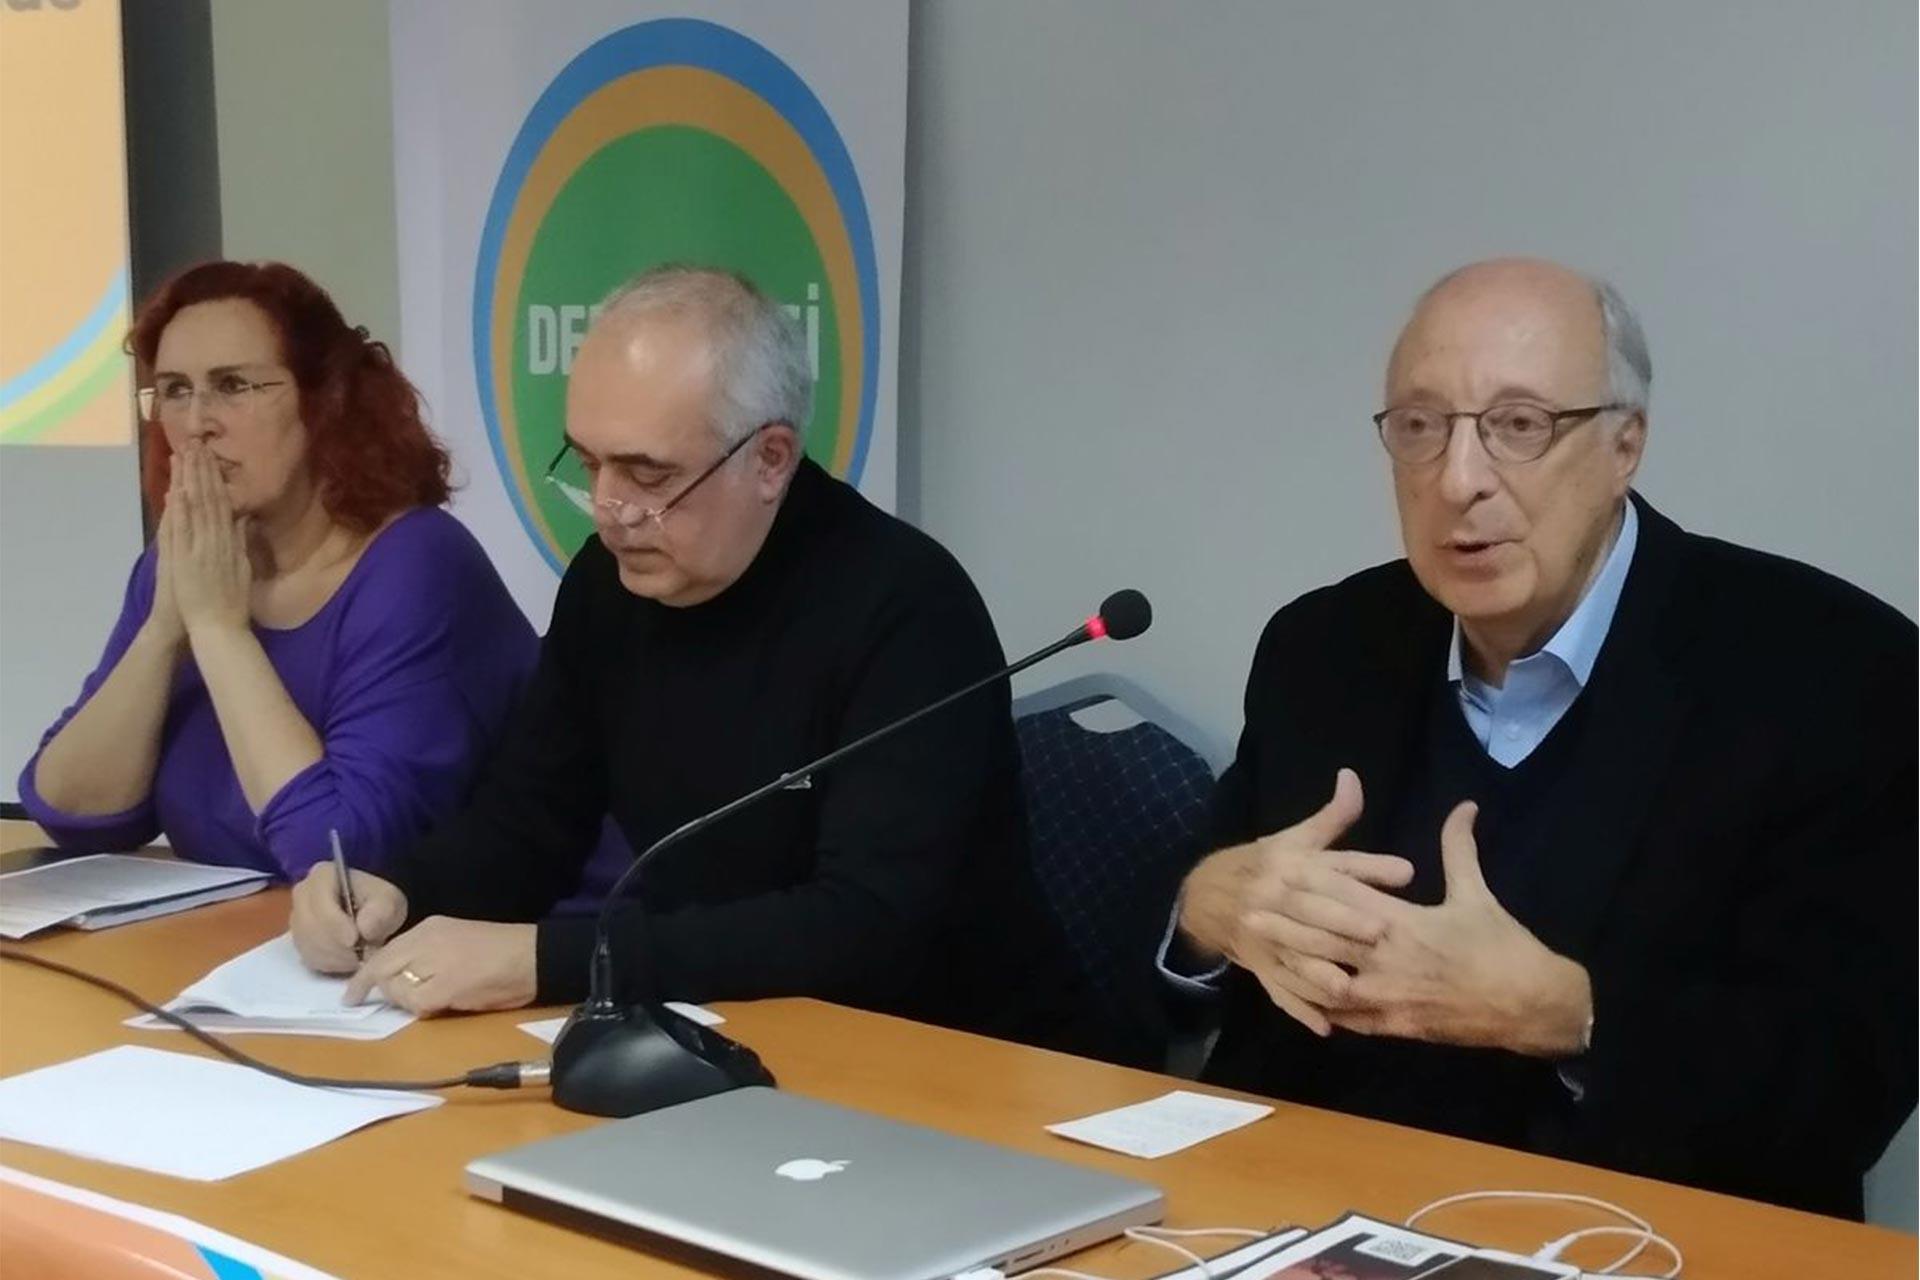 Demokrasi İçin Birlik toplantısı  DİB Sözcüsü Rıza Türmen (sağda)  DİB Koordinasyon Üyesi Bedahet Tosun (ortada)  DİB Koordinasyon Üyesi Nesteren Davutoğlu (solda)